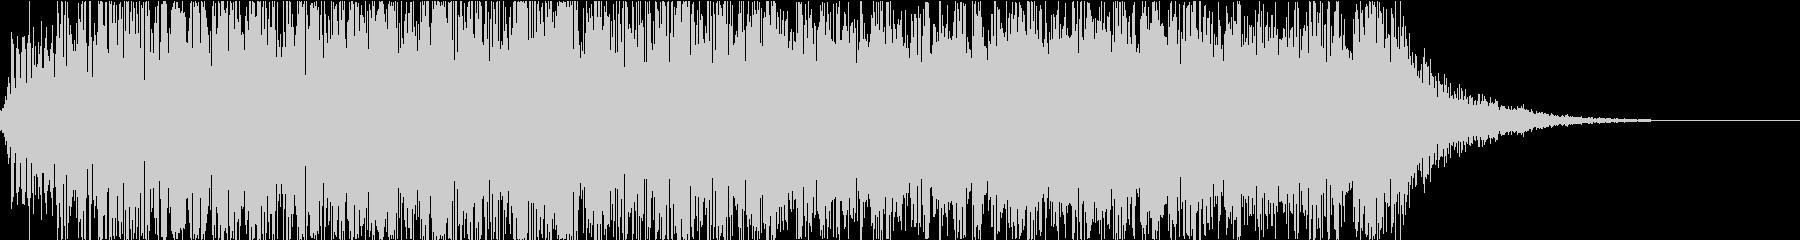 怪物・モンスターの鳴き声・ゲーム・映画bの未再生の波形